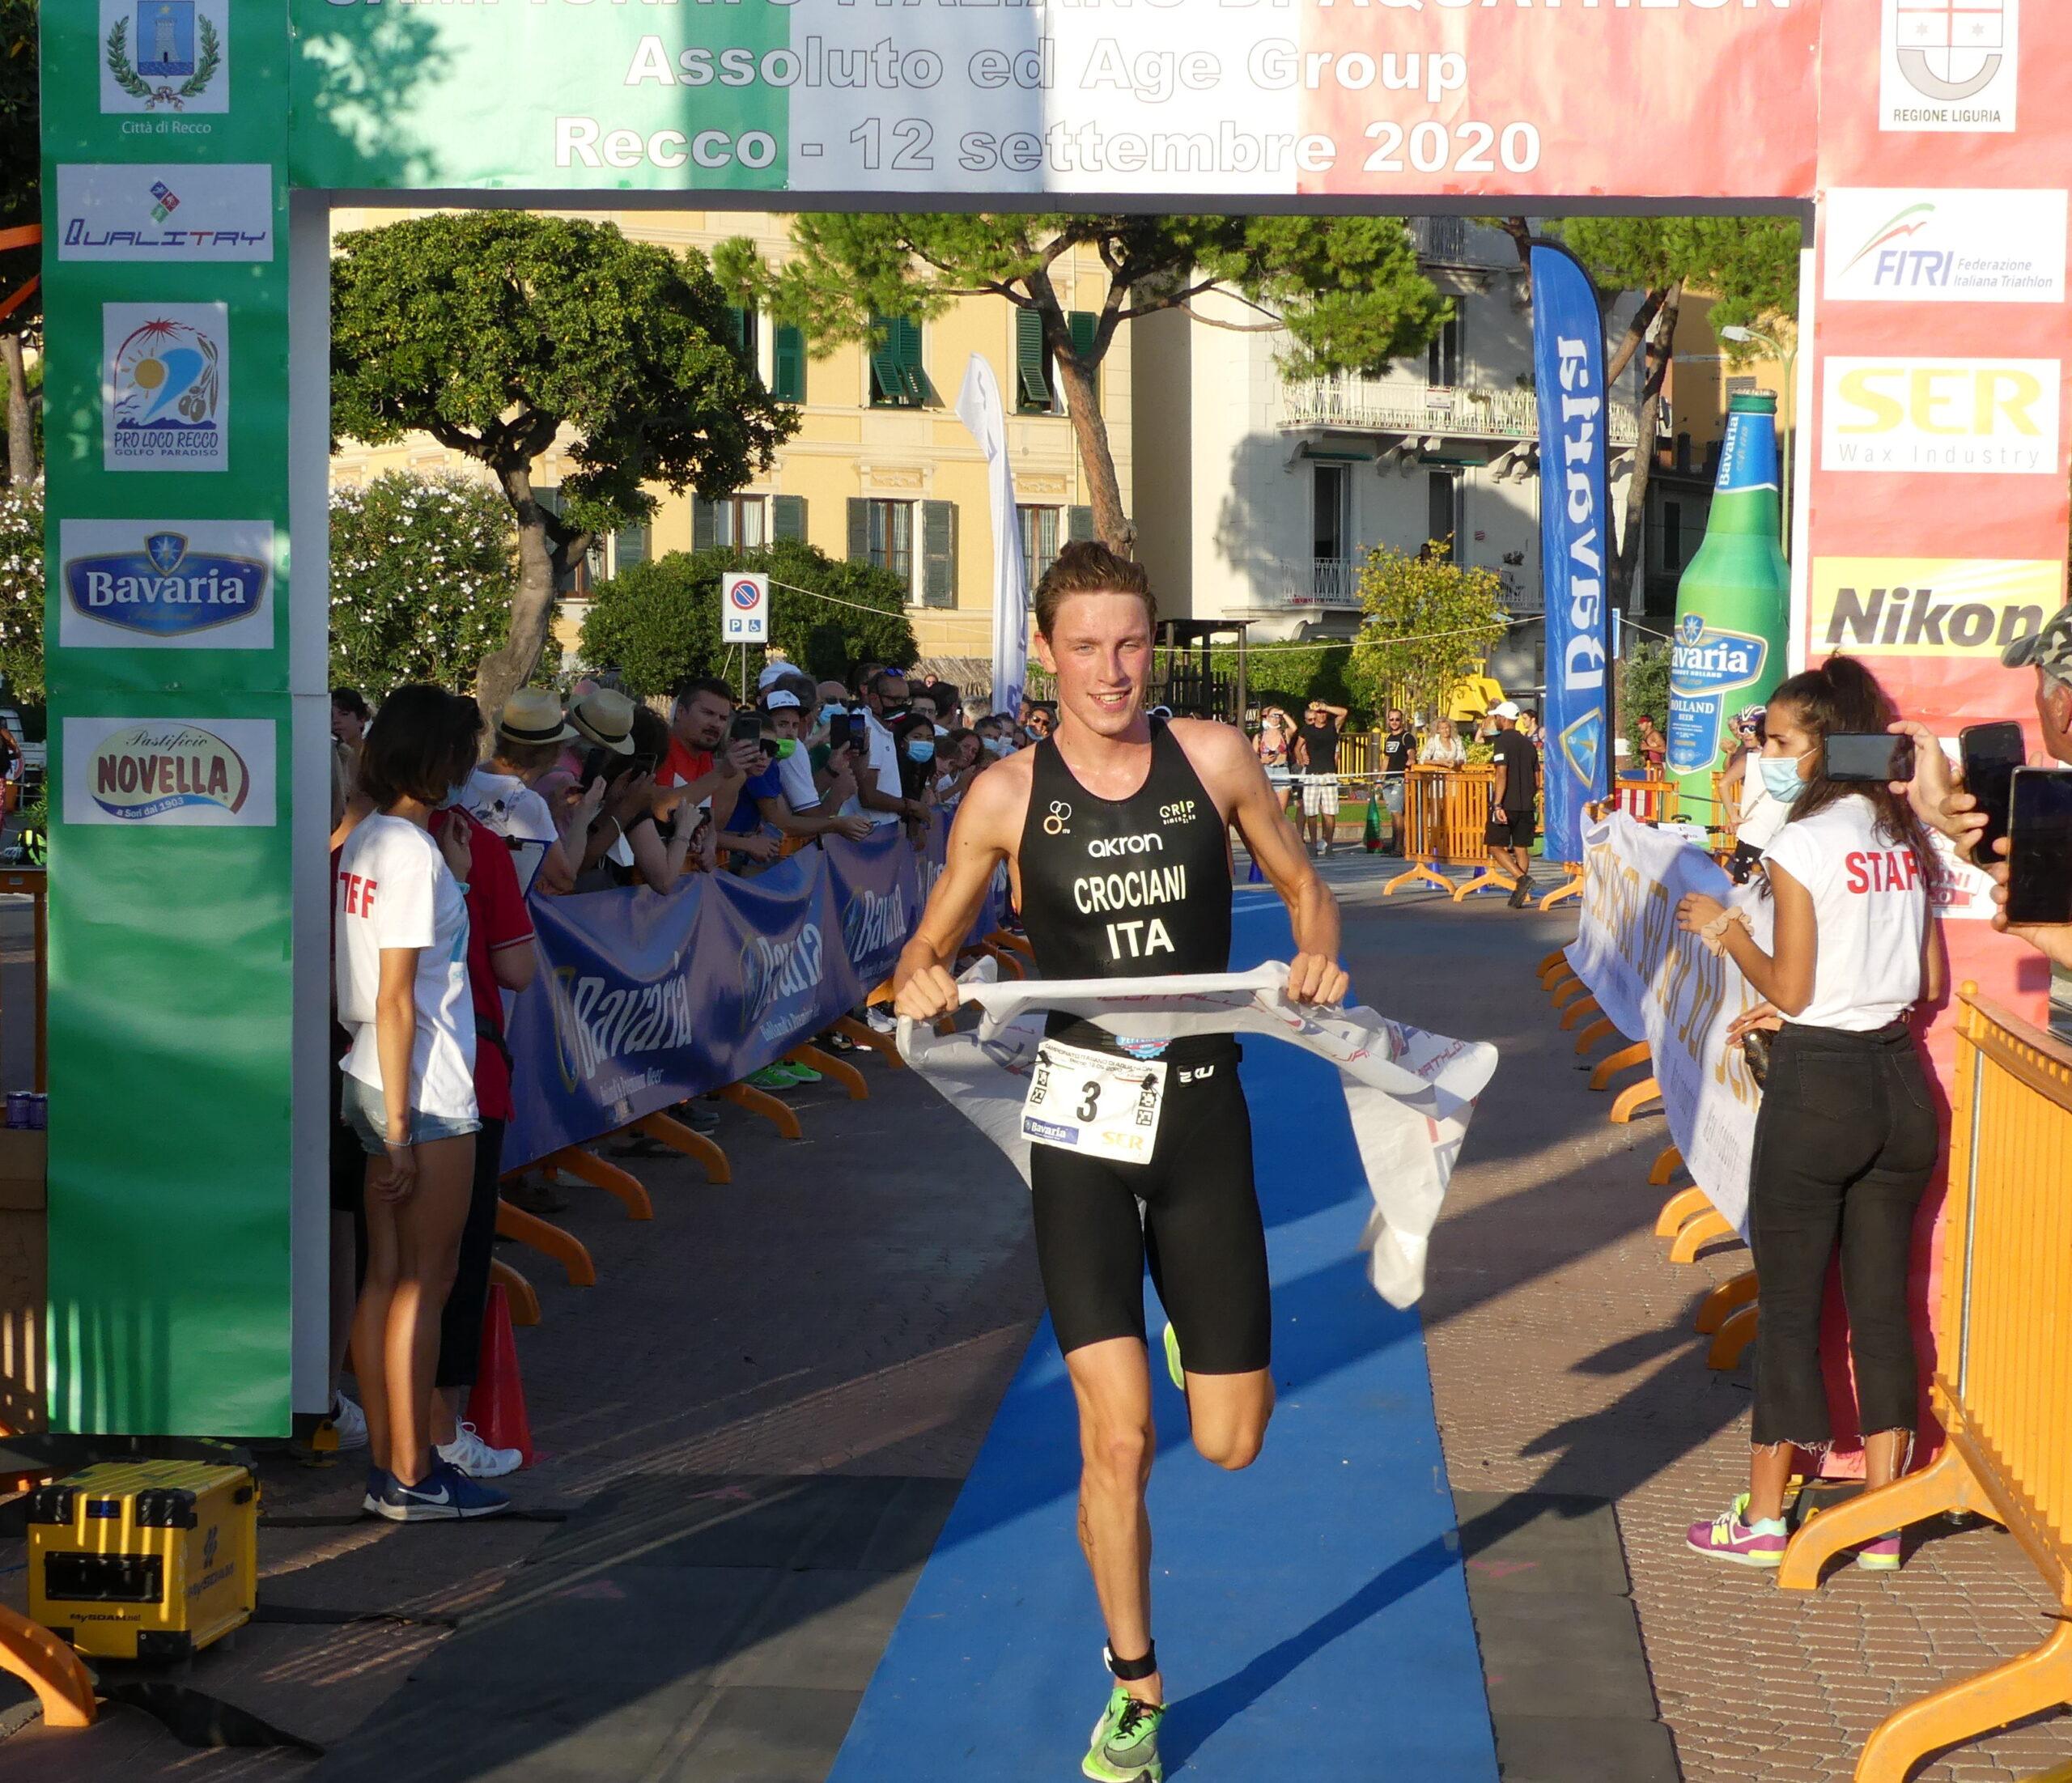 Al traguardo della prova di Recco ecco Alessio Crociani, il nuovo campione italiano di aquathlon 2020